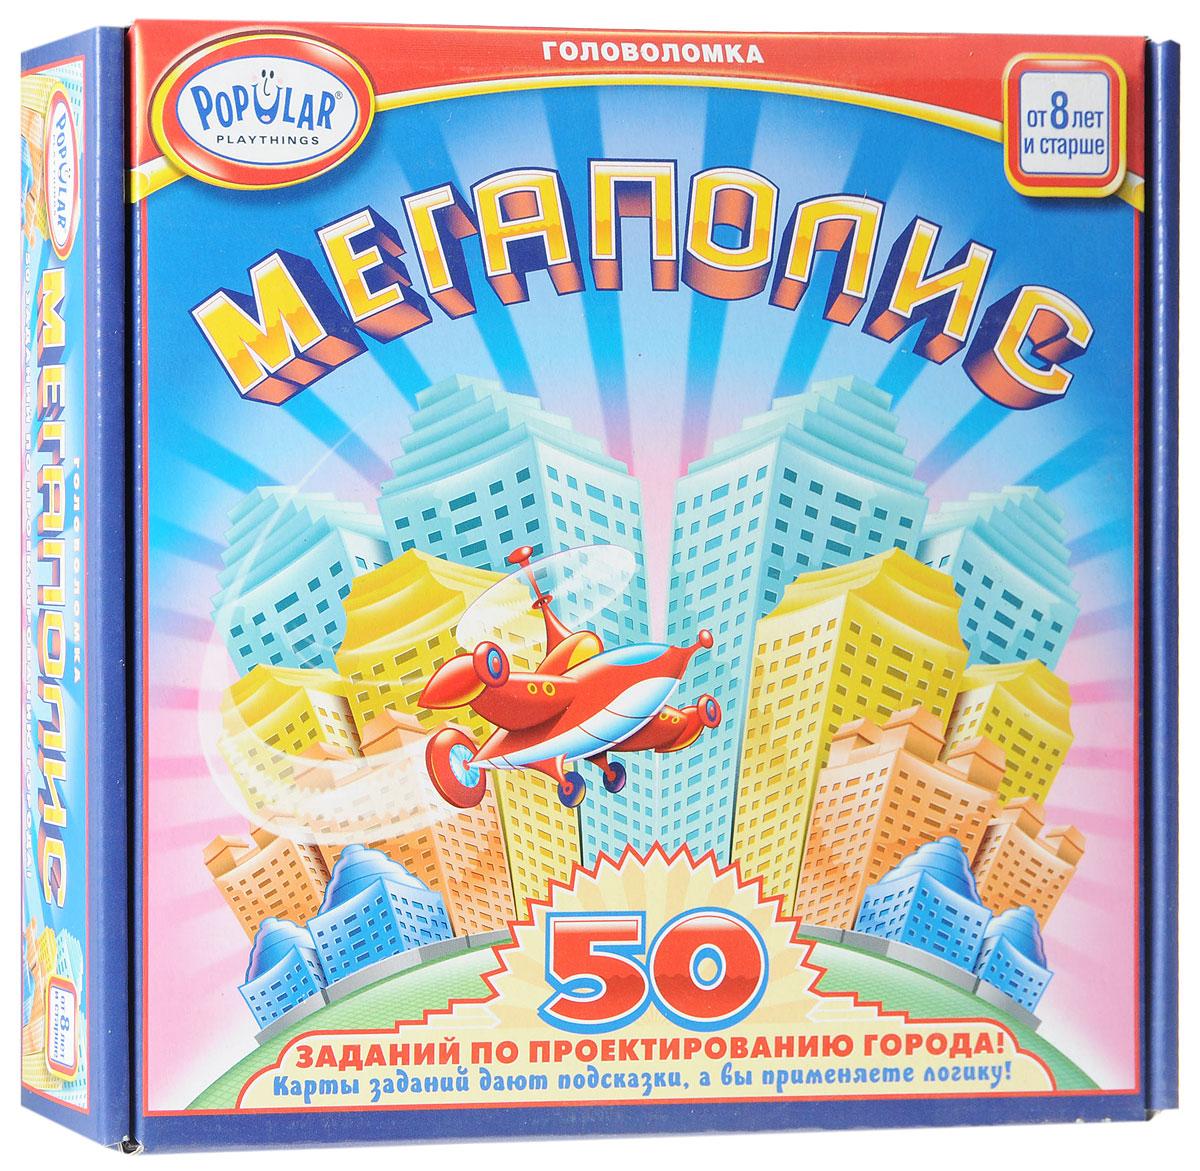 Popular Playthings Настольная игра МегаполисУТ100000135Добро пожаловать в Мегаполис, город будущего! Спроектируйте городской район, определенным образом расположив высотные здания. Игрокам предстоит решить 50 заданий двух типов. Первые 25 заданий решаются по правилам судоку, а последующие научат отлично ориентироваться в трехмерном пространстве. В них игрокам придется руководствоваться указаниями на количество зданий, которые видно с той или иной точки обзора. Настольная игра Popular Playthings Мегаполис развивает не только математическую логику, но и пространственное воображение, а также помогает освоить принципы построения чертежа трехмерного объекта.